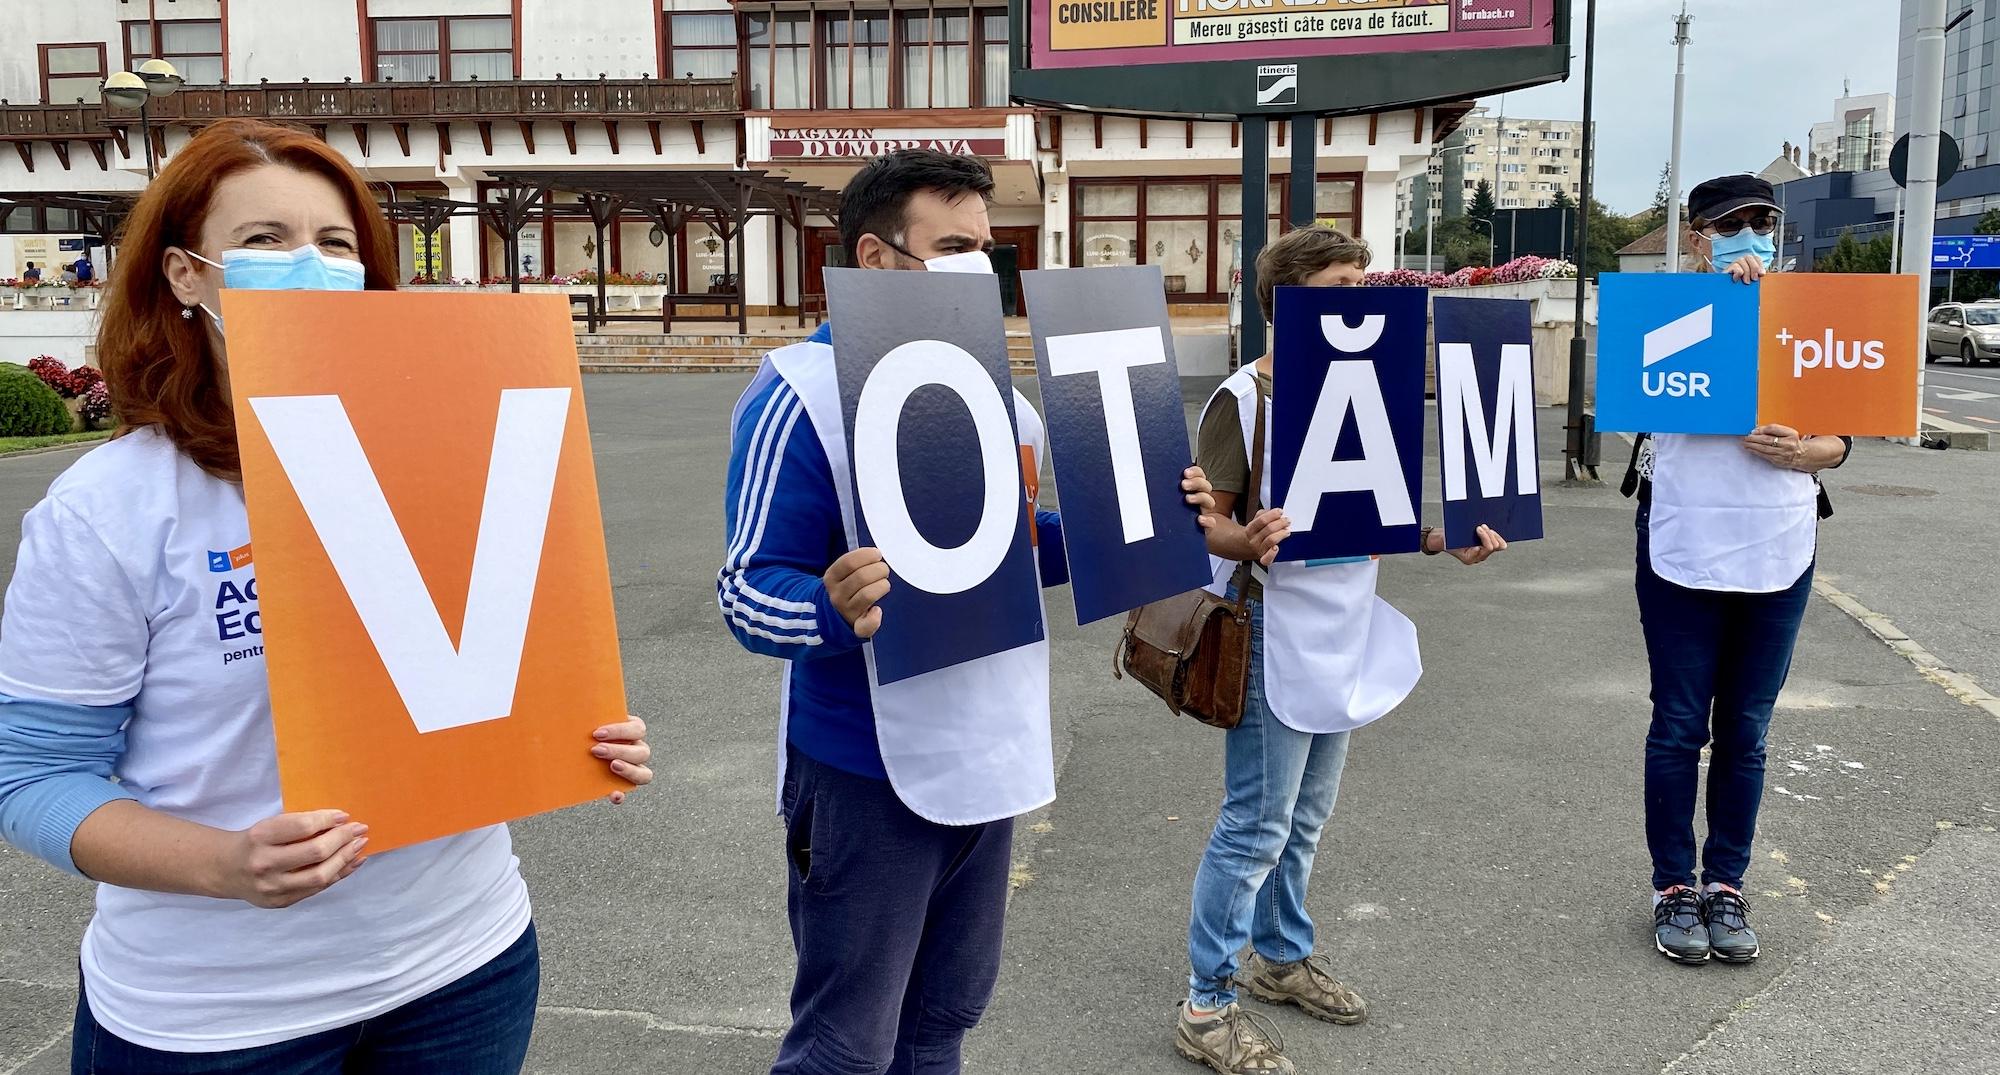 Un vot pentru USR PLUS înseamnă să duci vocea ta în administrația locală. Hai la vot și schimbă fața politicii locale!